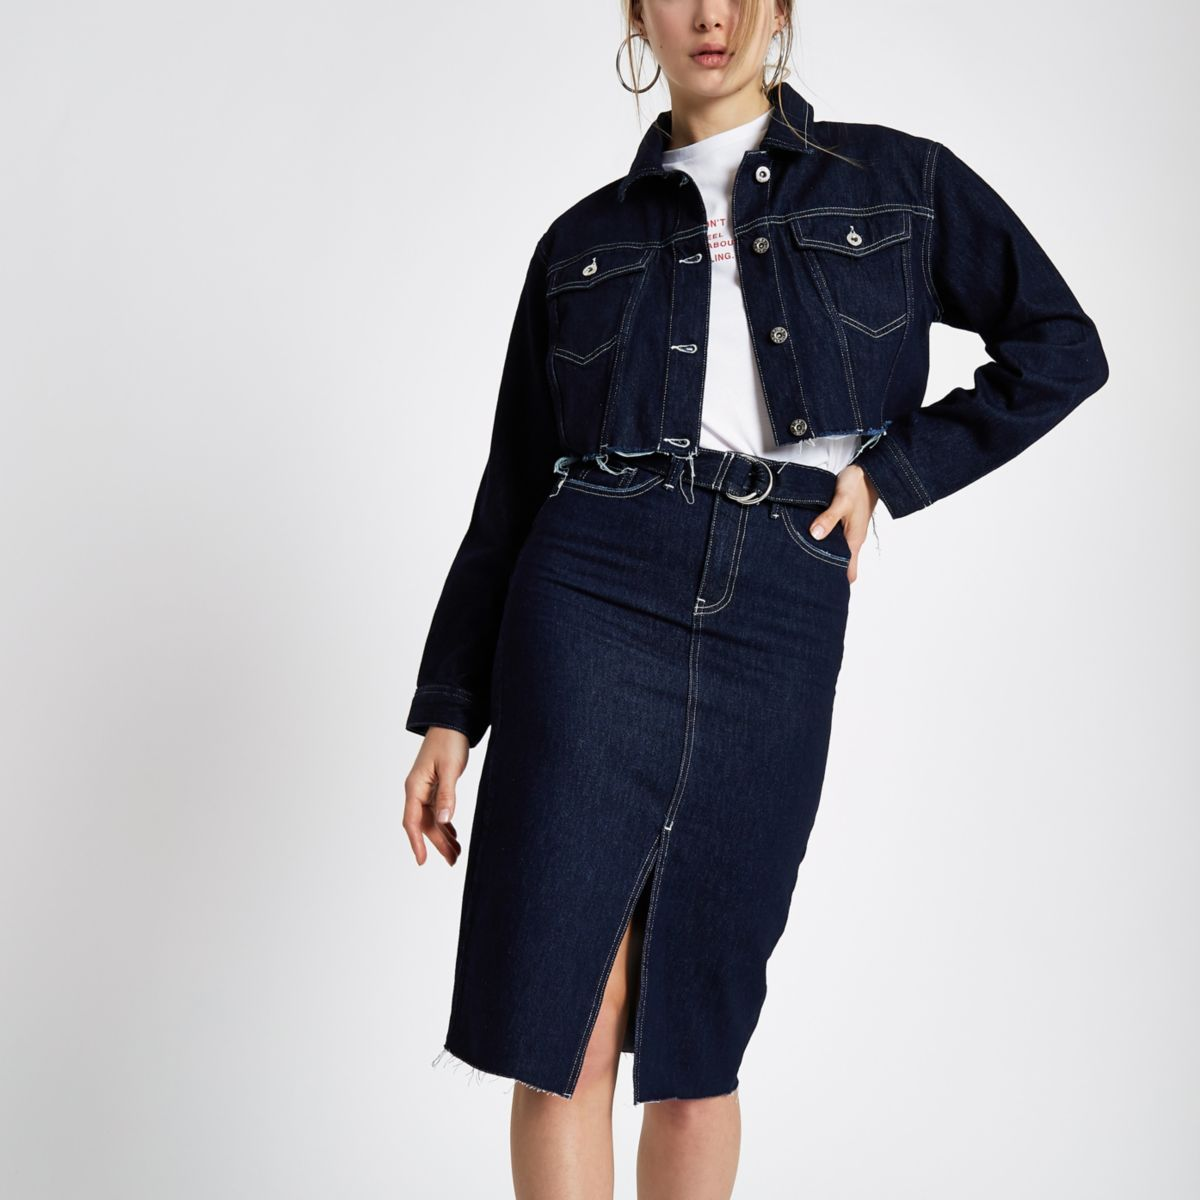 Dark blue belted denim pencil skirt